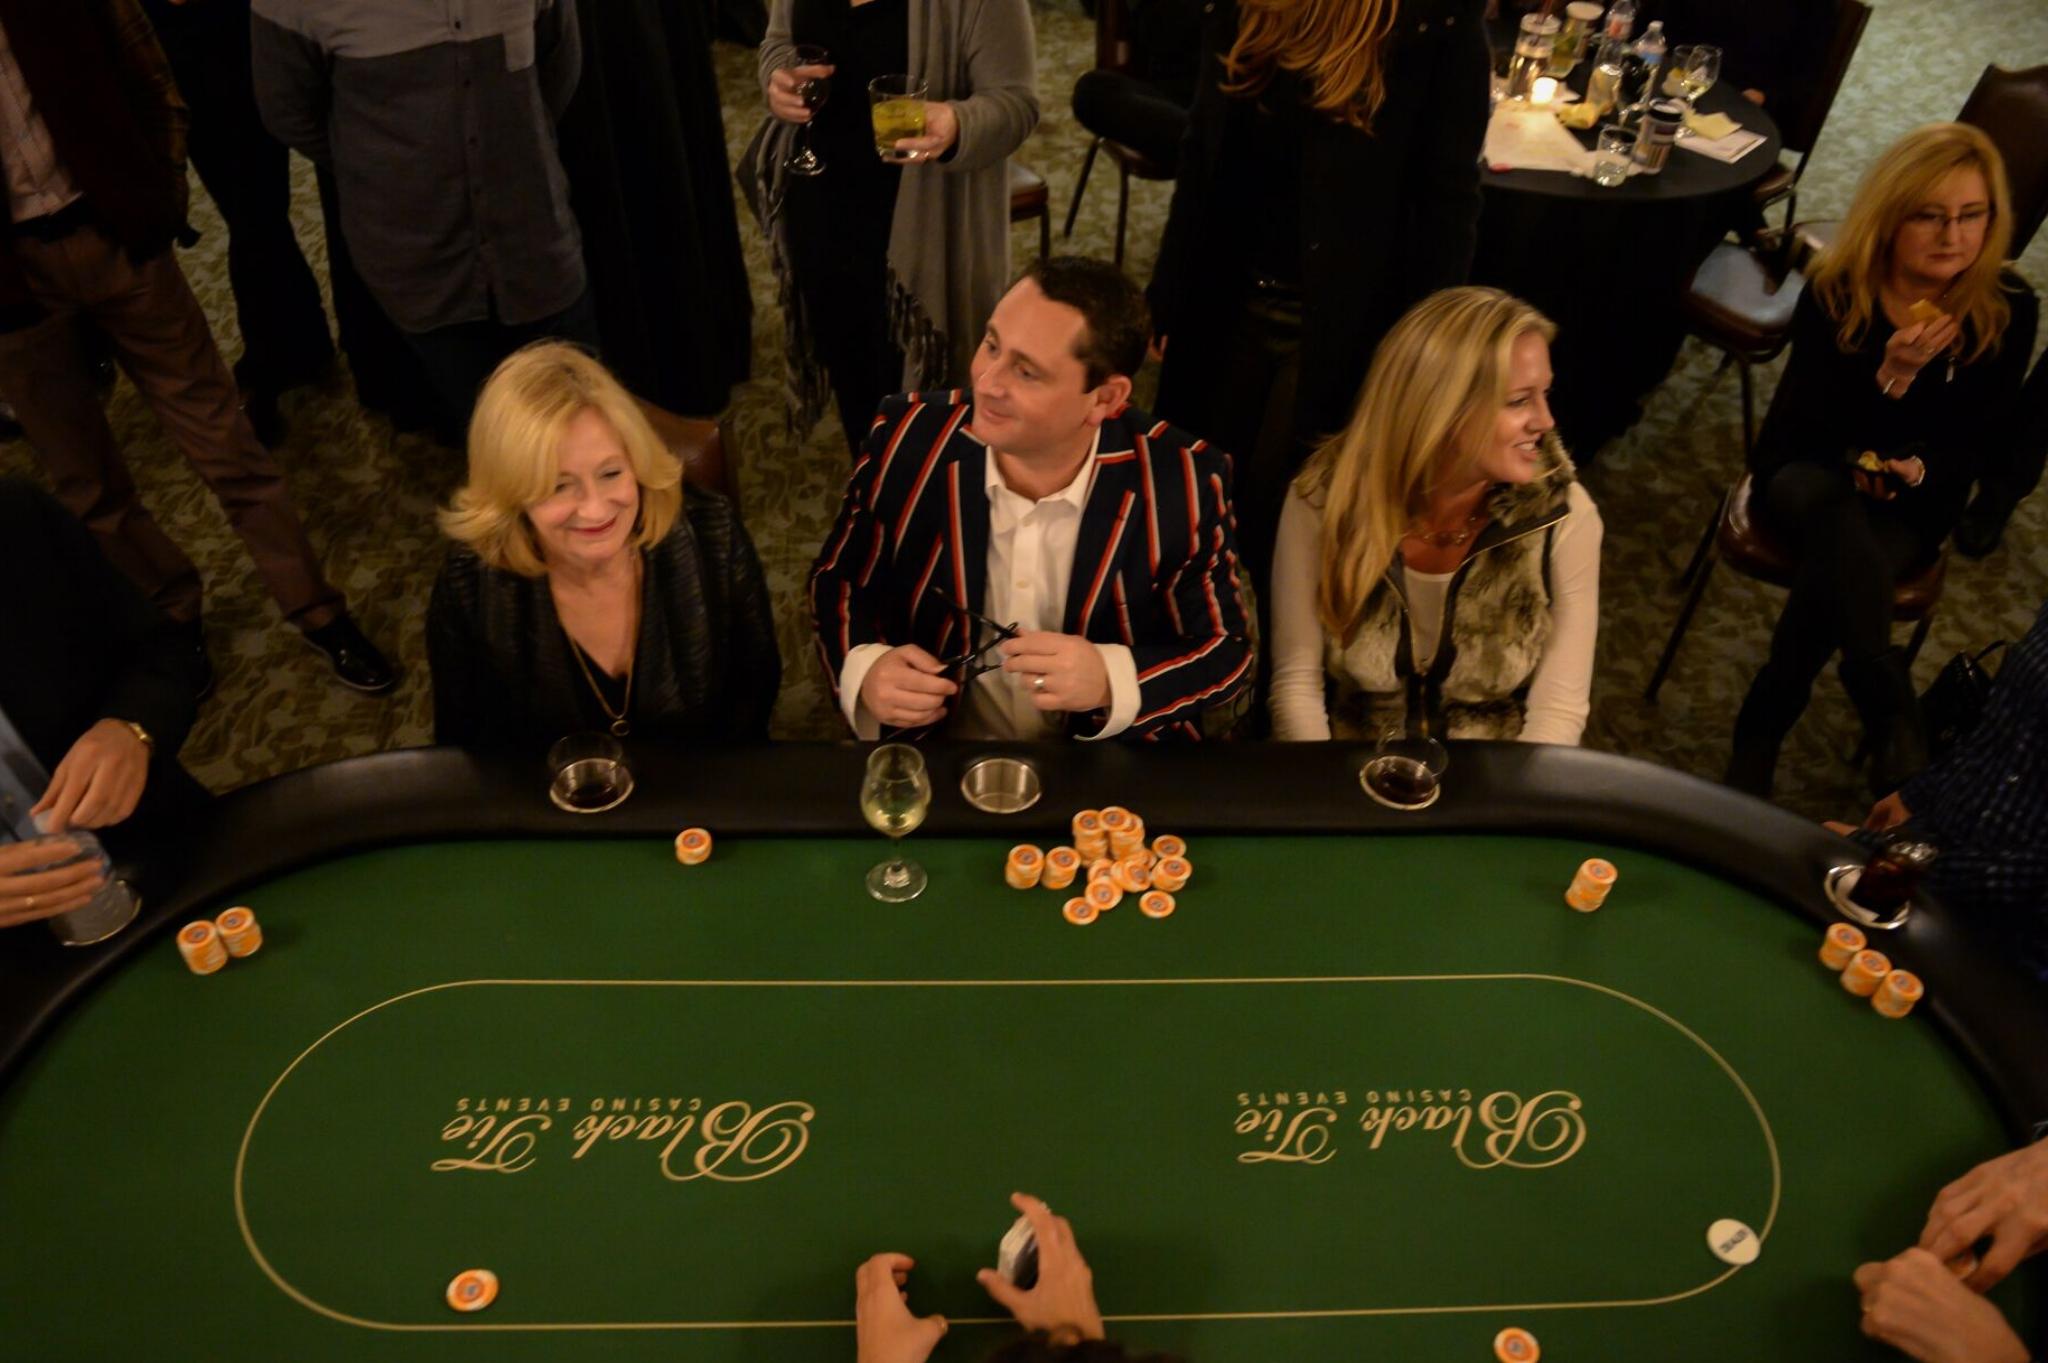 poker6.jpg